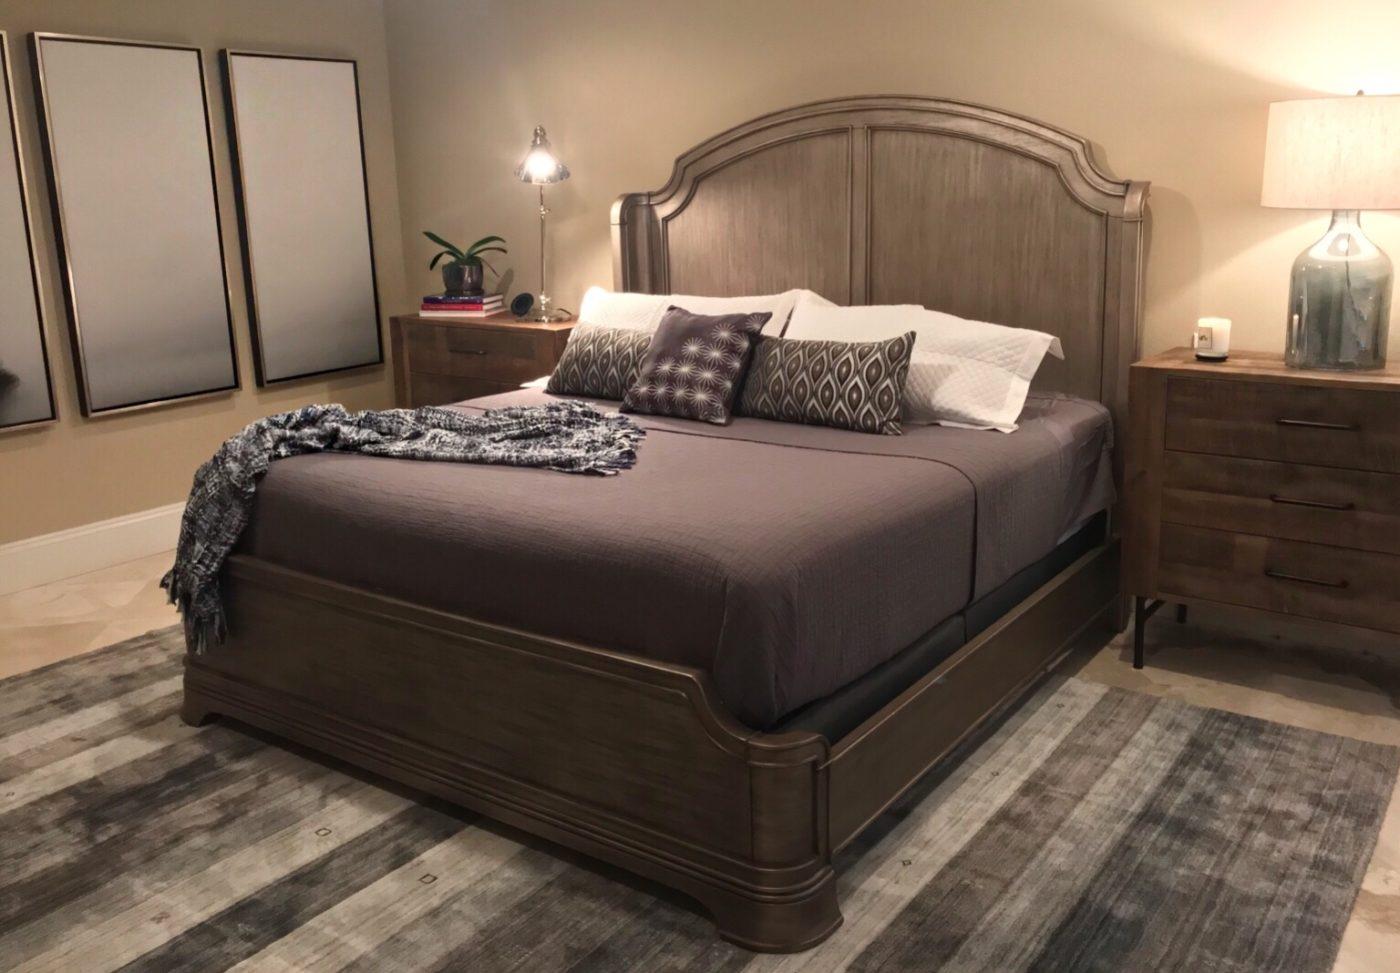 Master Bedroom Finished